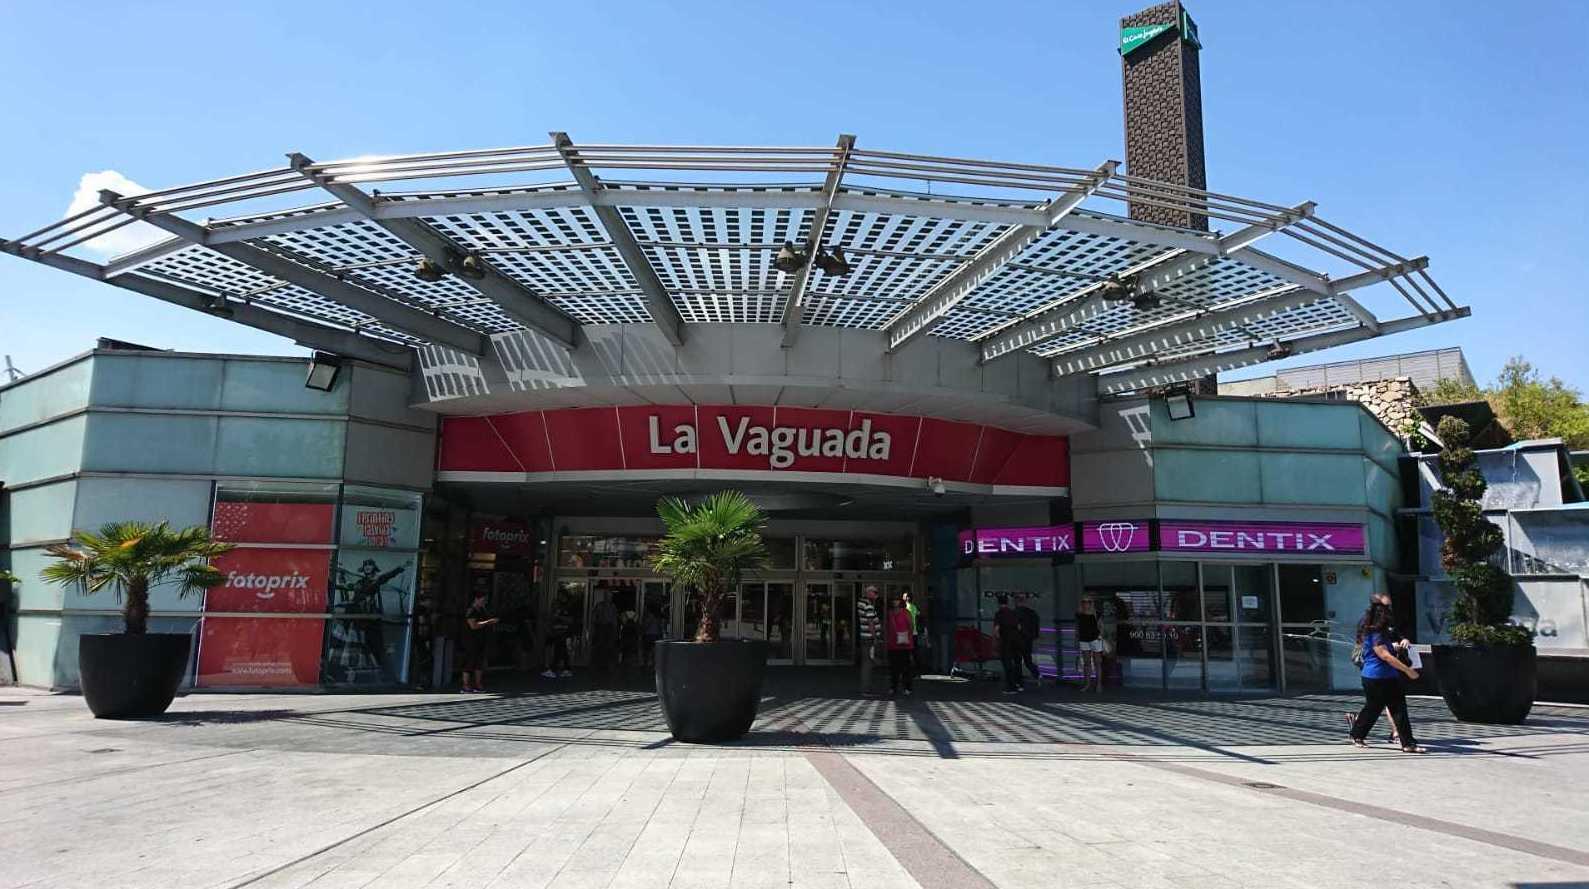 Iluminación led en una gran superficie como es el CC La Vaguada ubicado en Madrid.